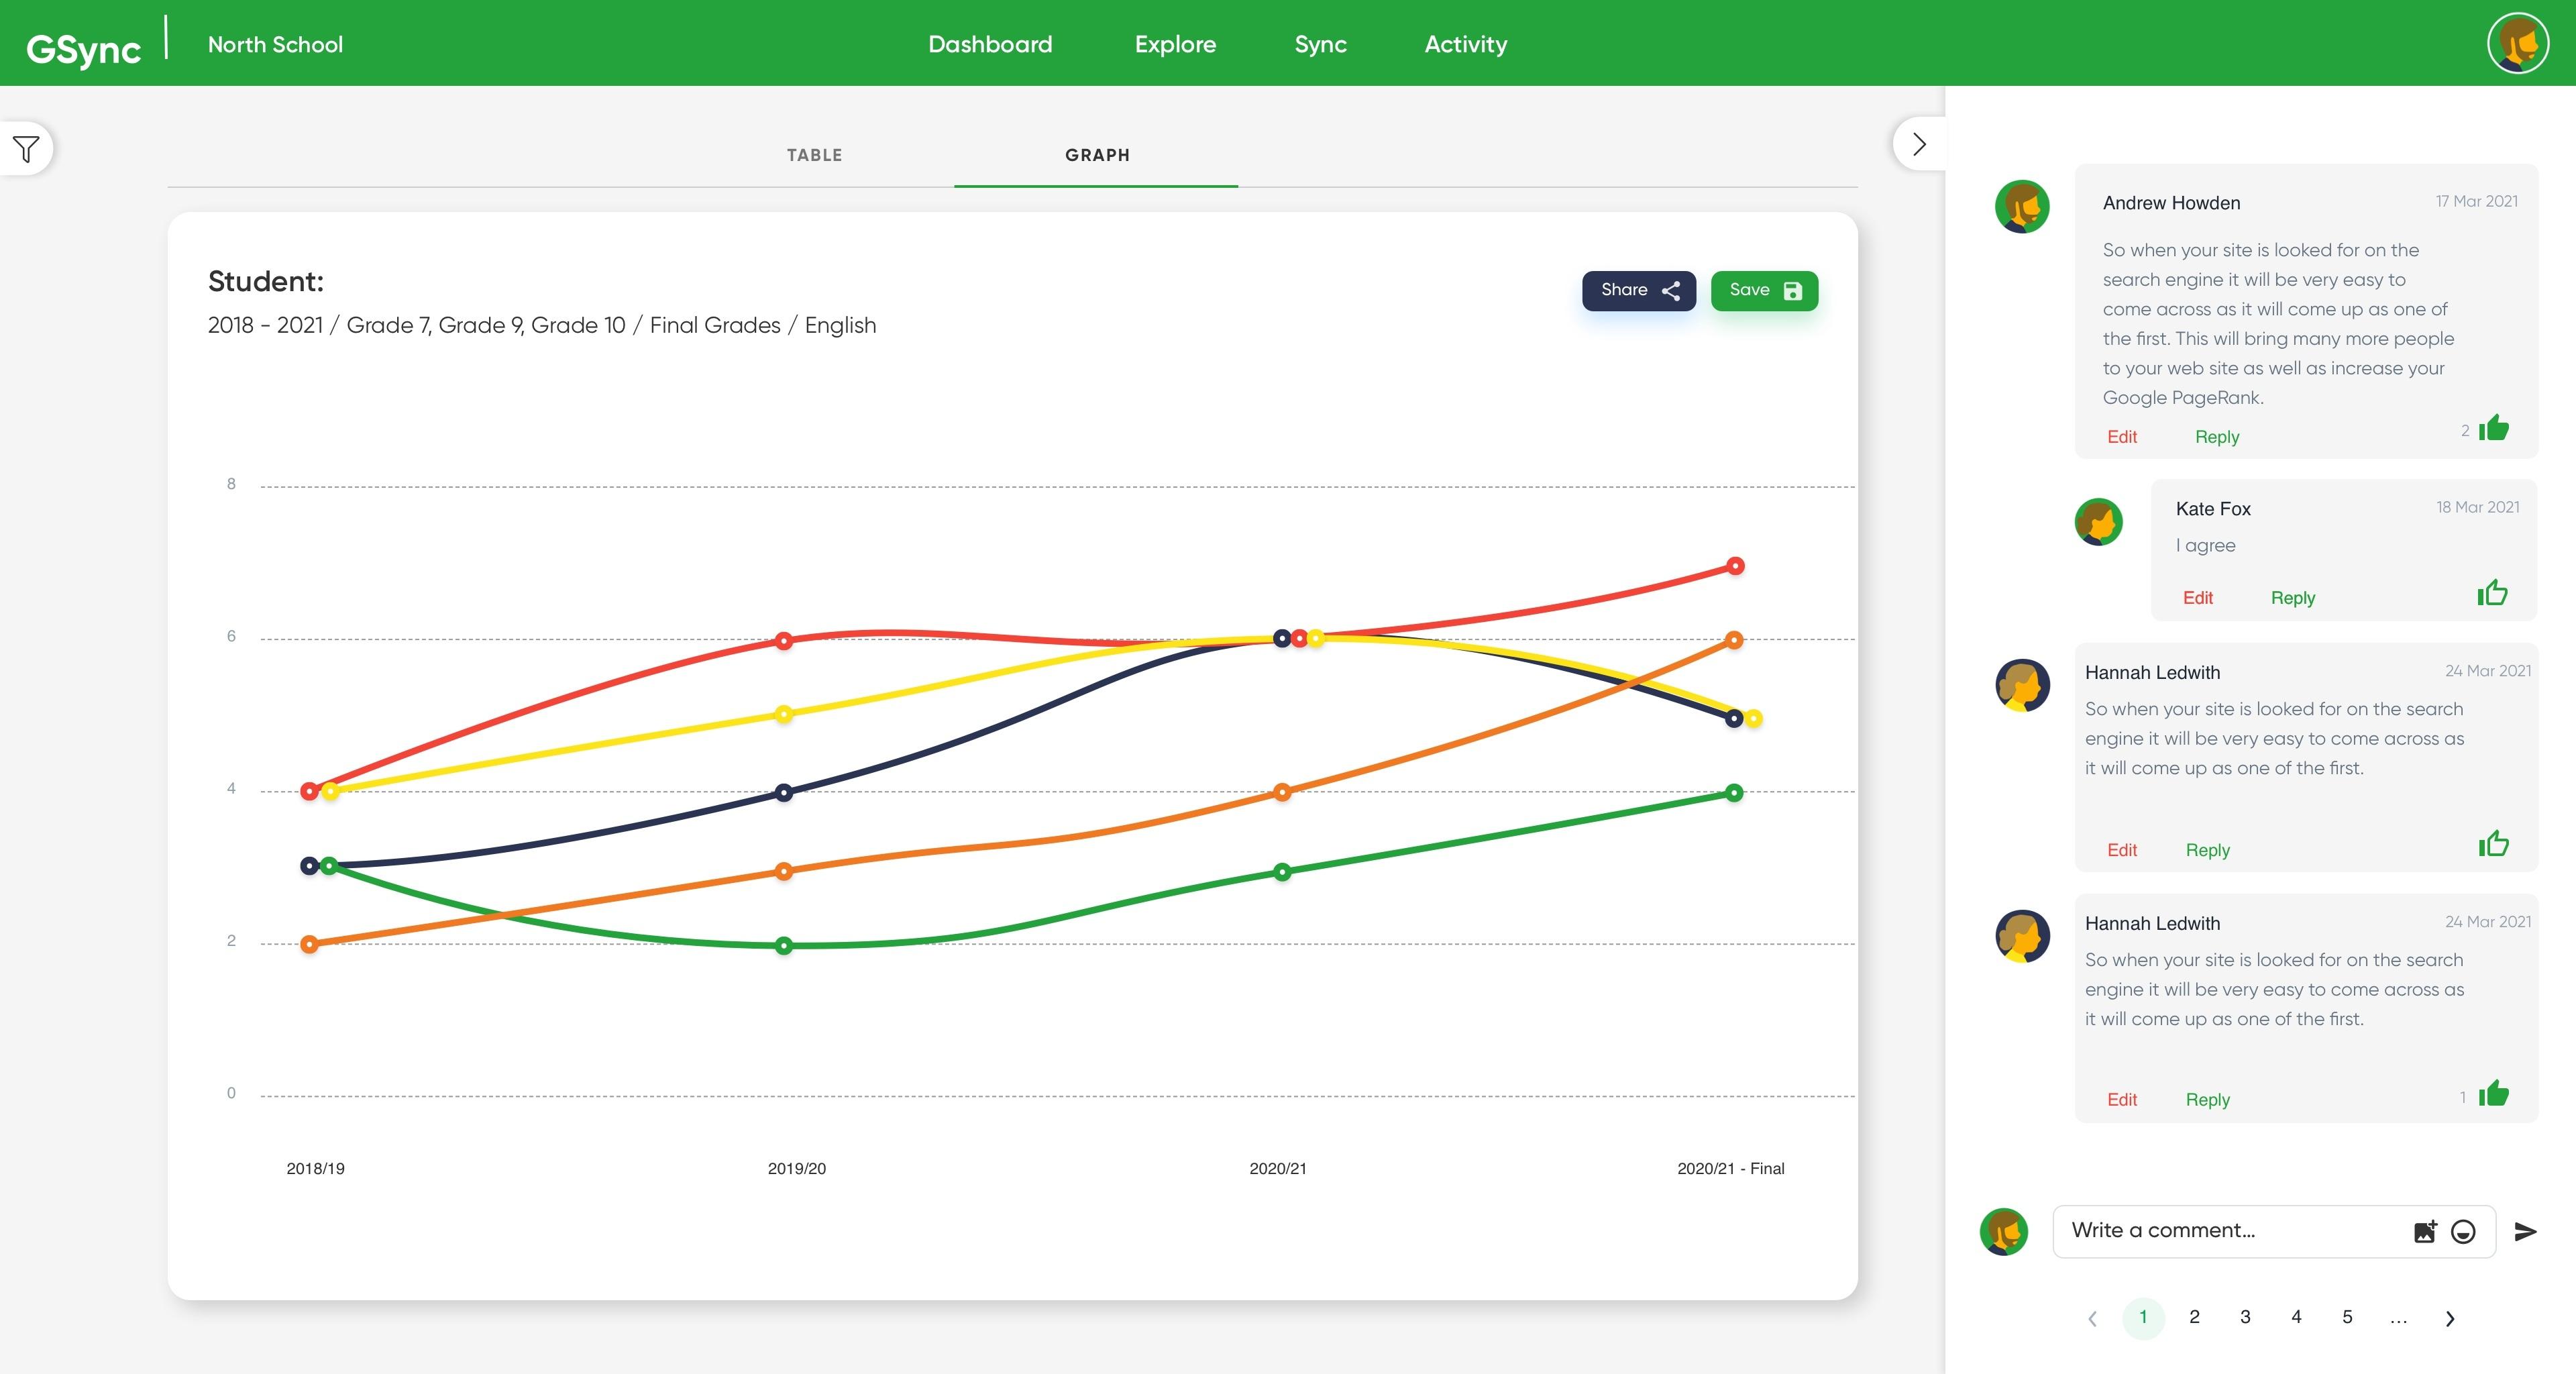 GSync Explorer Web App Comments View